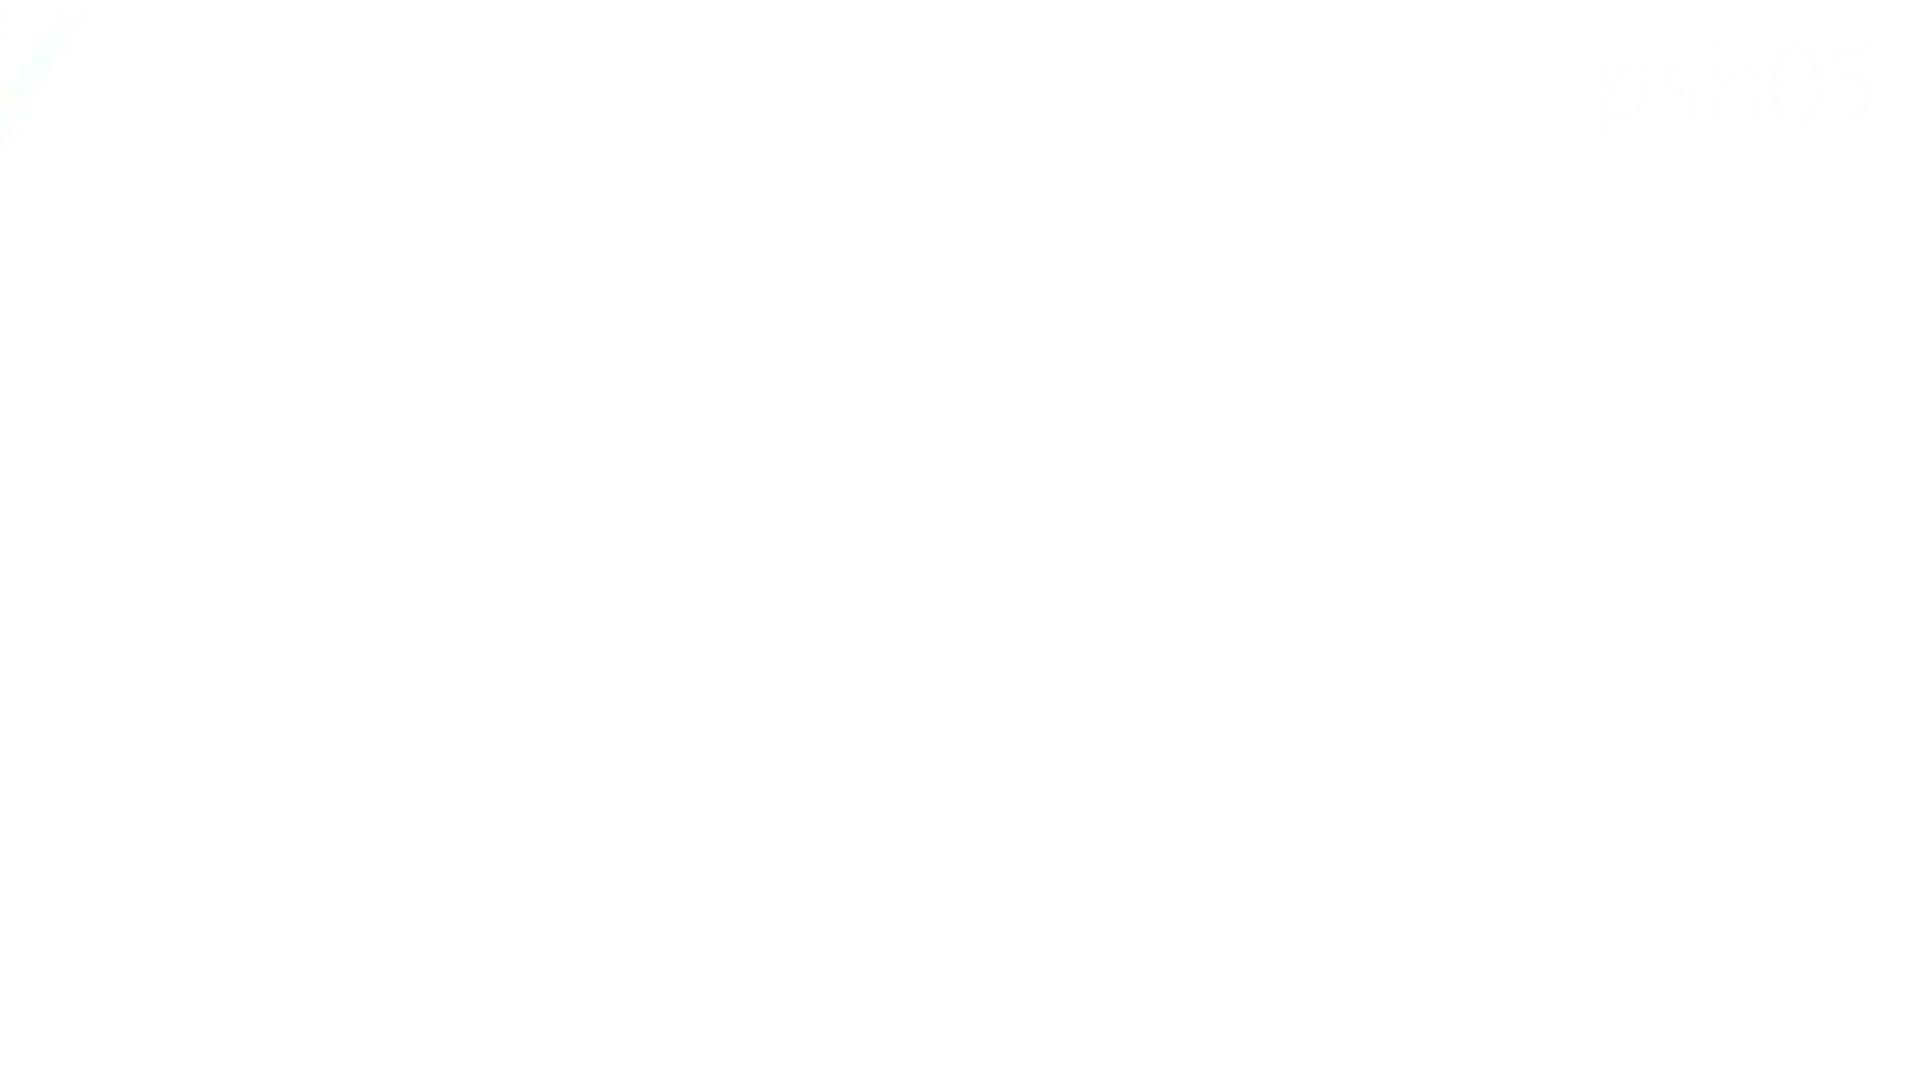 ▲復活限定▲ハイビジョン 盗神伝 Vol.5 丸見え | 高画質  111枚 85